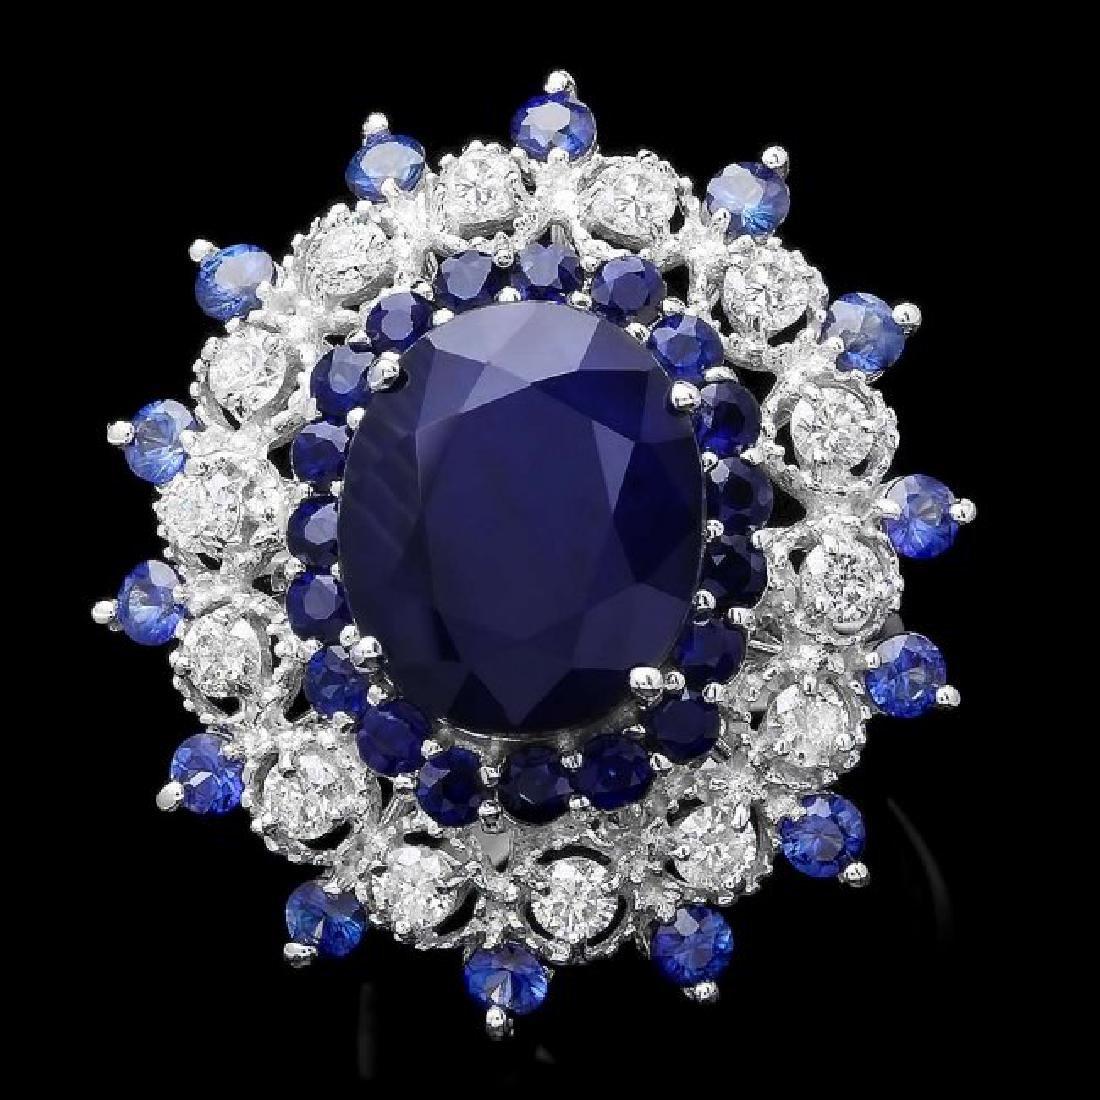 14k White Gold 9ct Sapphire 0.90ct Diamond Ring